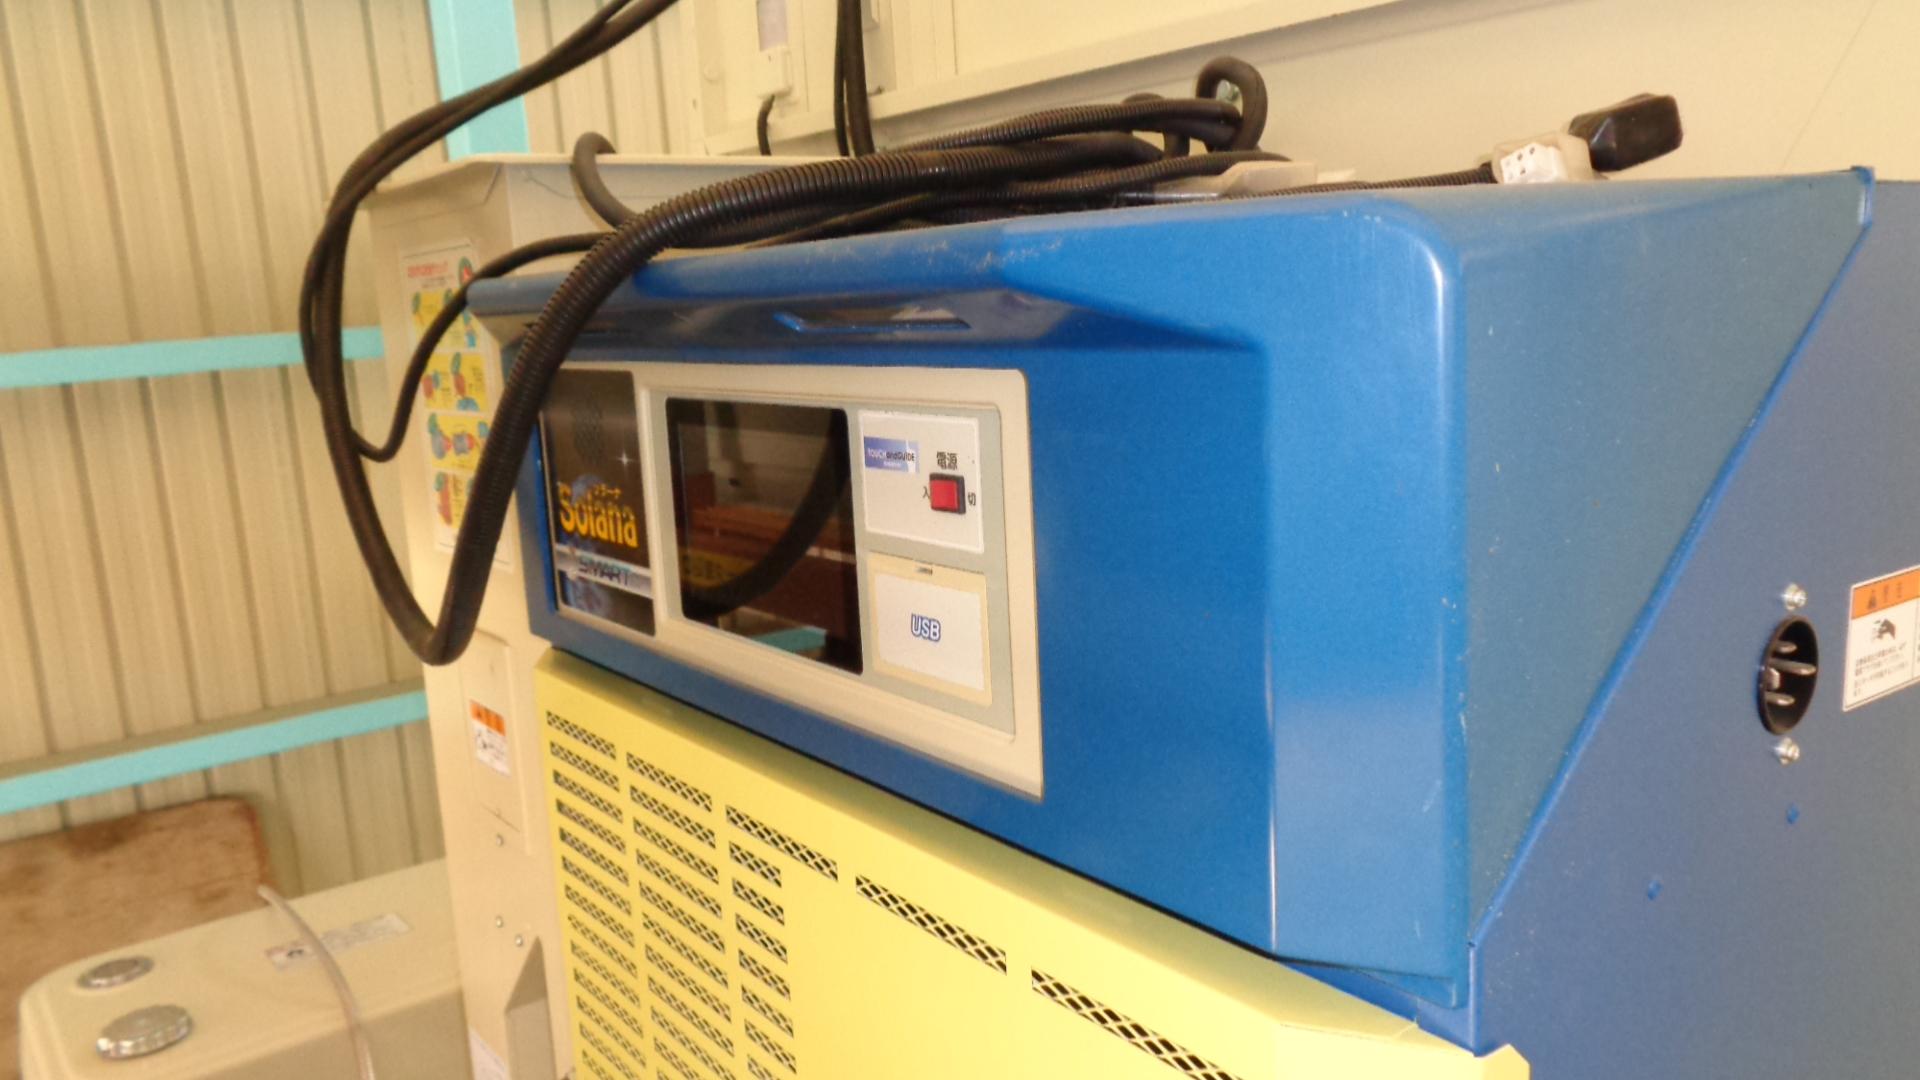 中古乾燥機 35石 サタケ  SDR35CPS カラー液晶パネル スロワー付